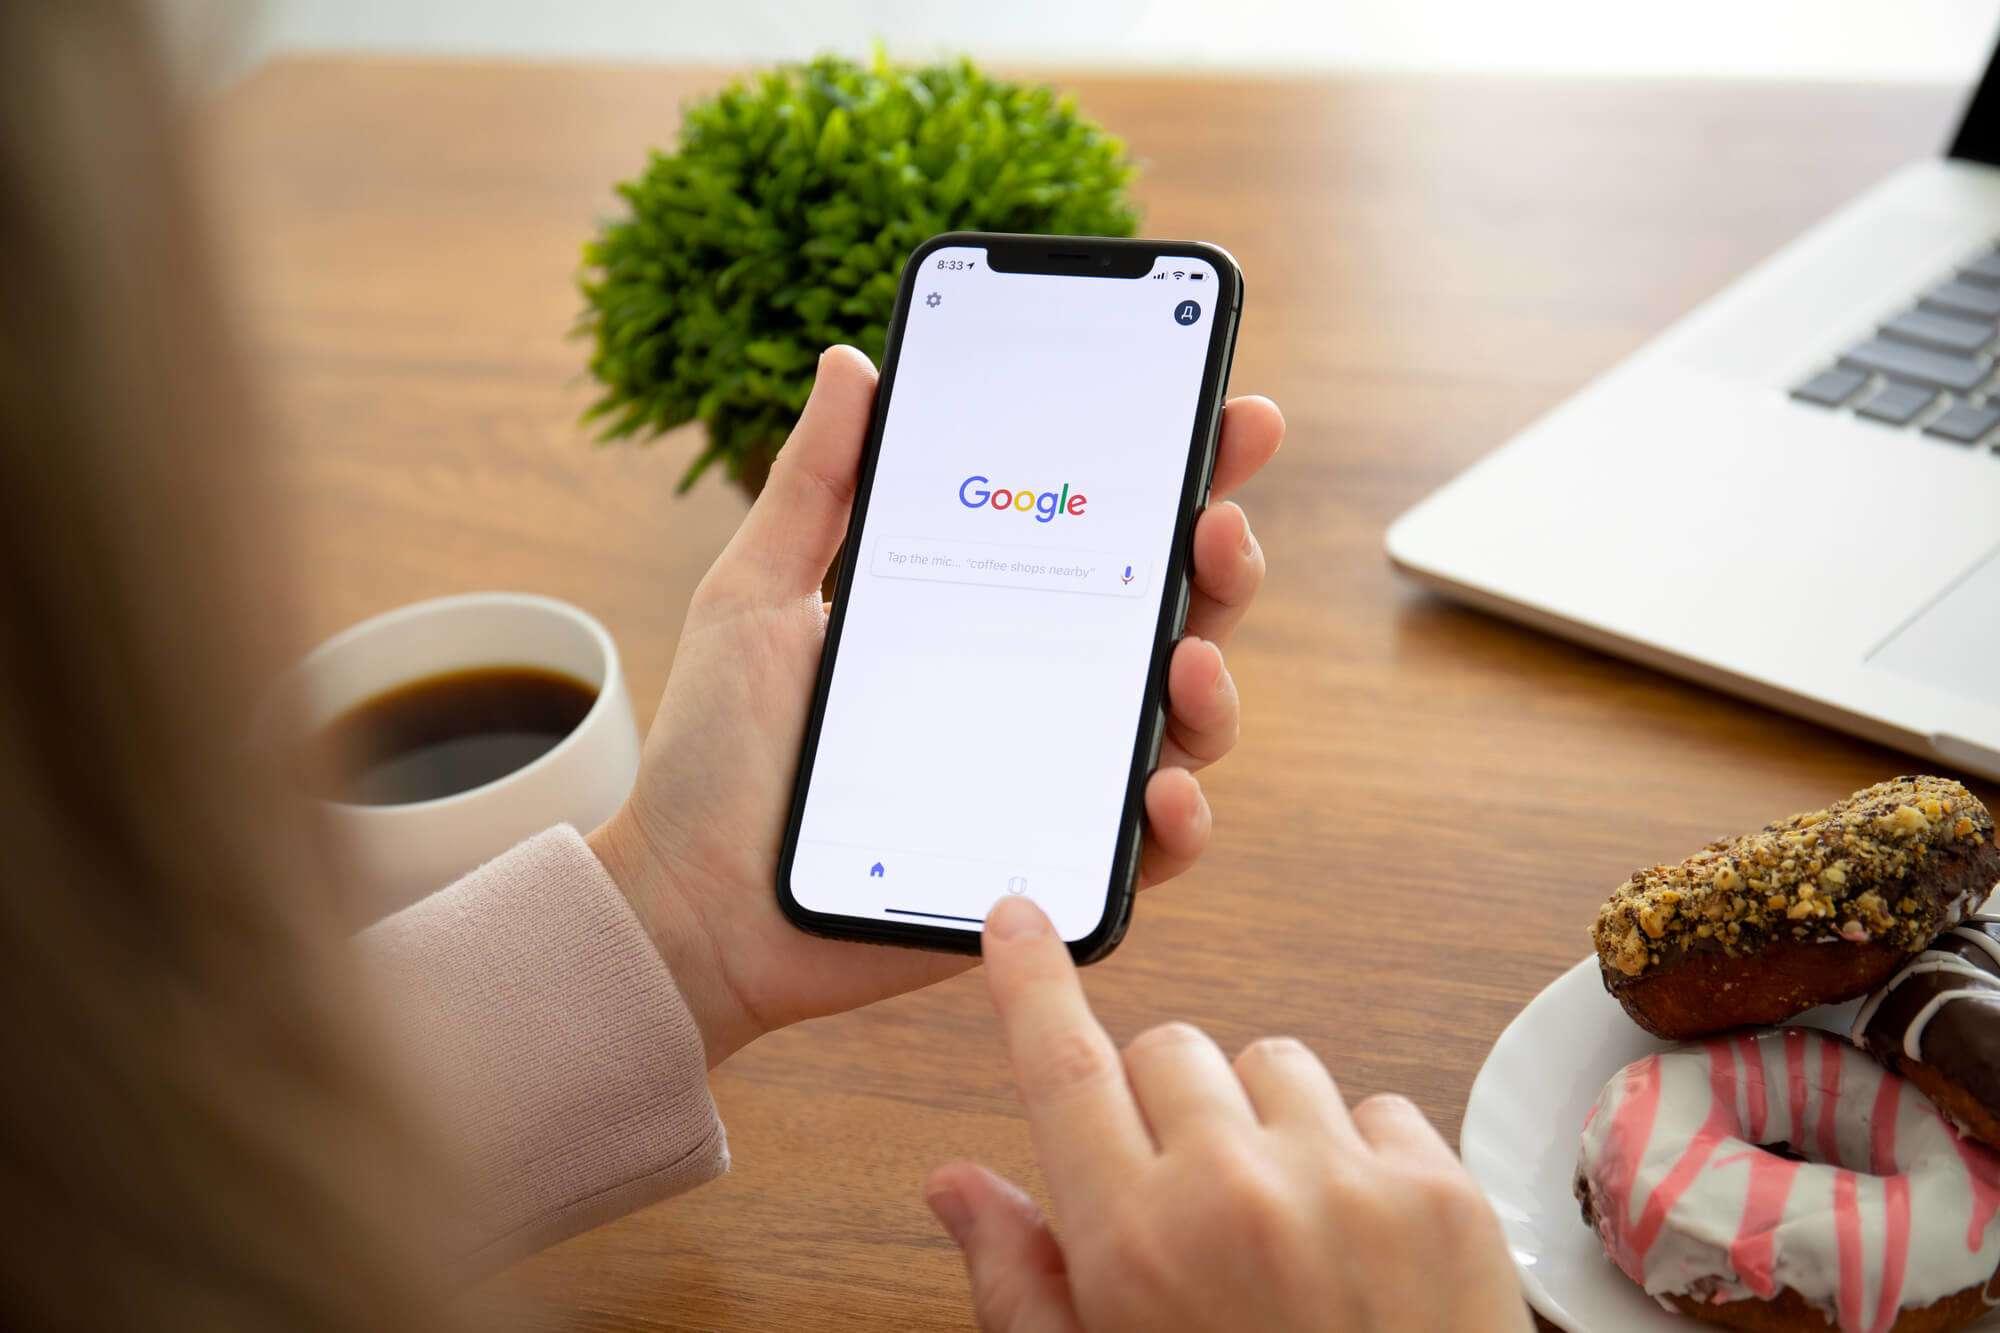 Quer aparecer bem no Google, mas não sabe como? Nós explicamos!